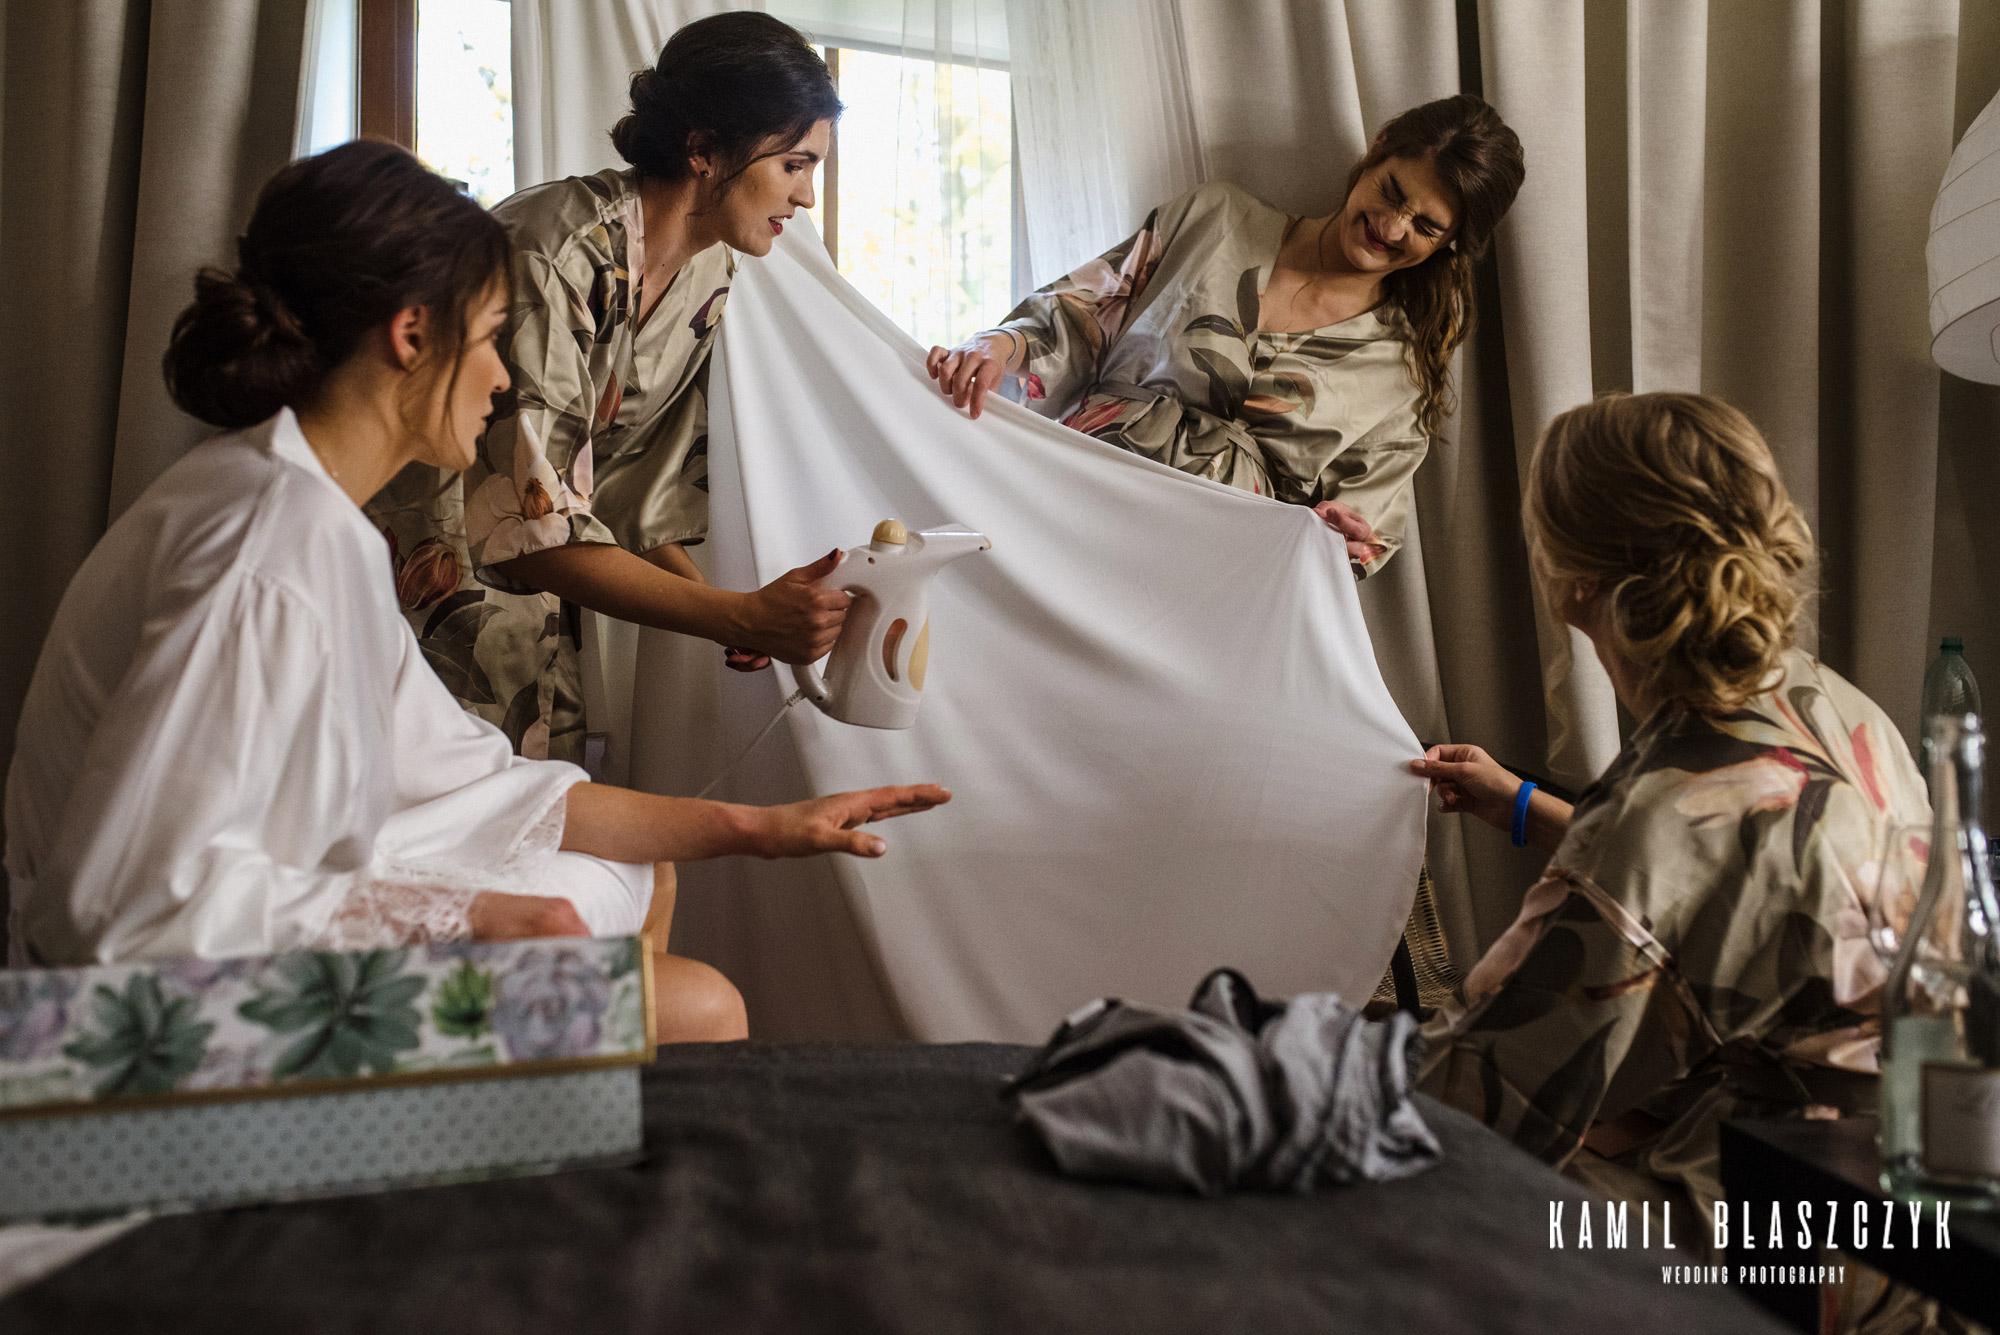 Pytania do fotografa ślubnego - Prasowanie sukni ślubnej przez druhny panny młodej